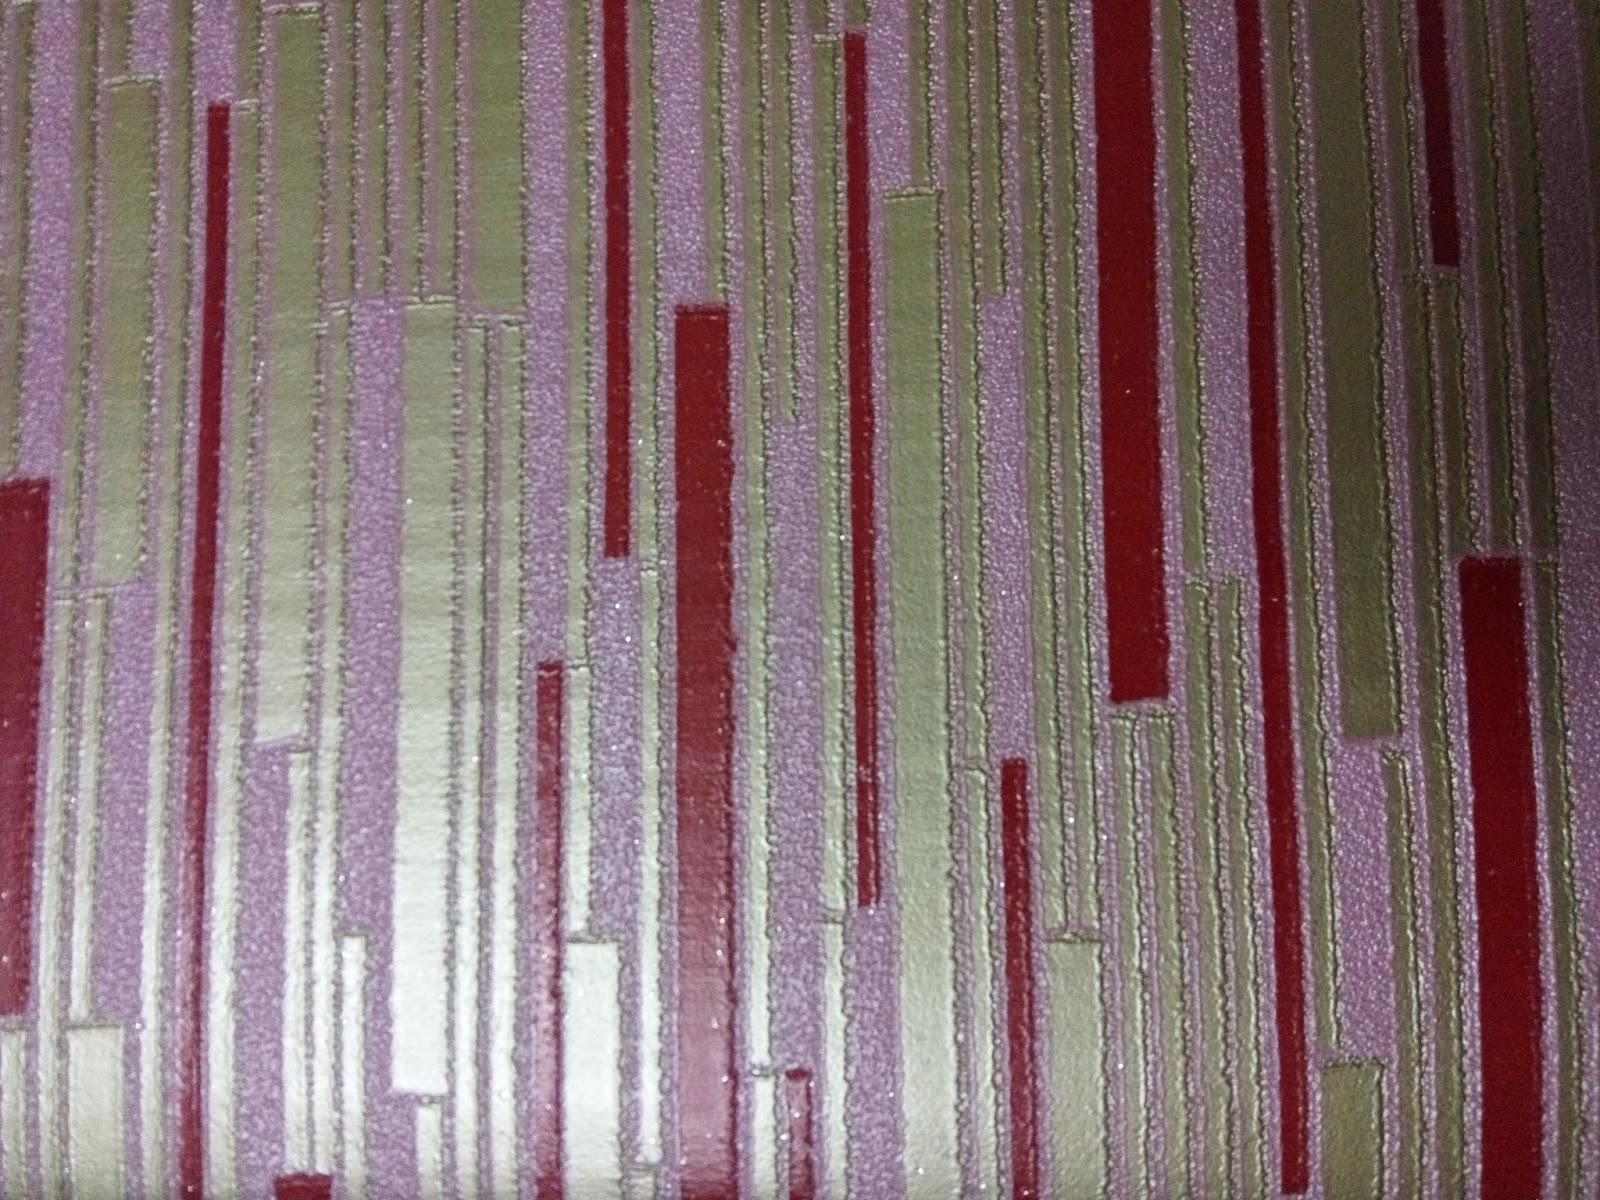 Wallpaper Dinding Merah Aneka Wallpaper Dinding Berwarna Merah